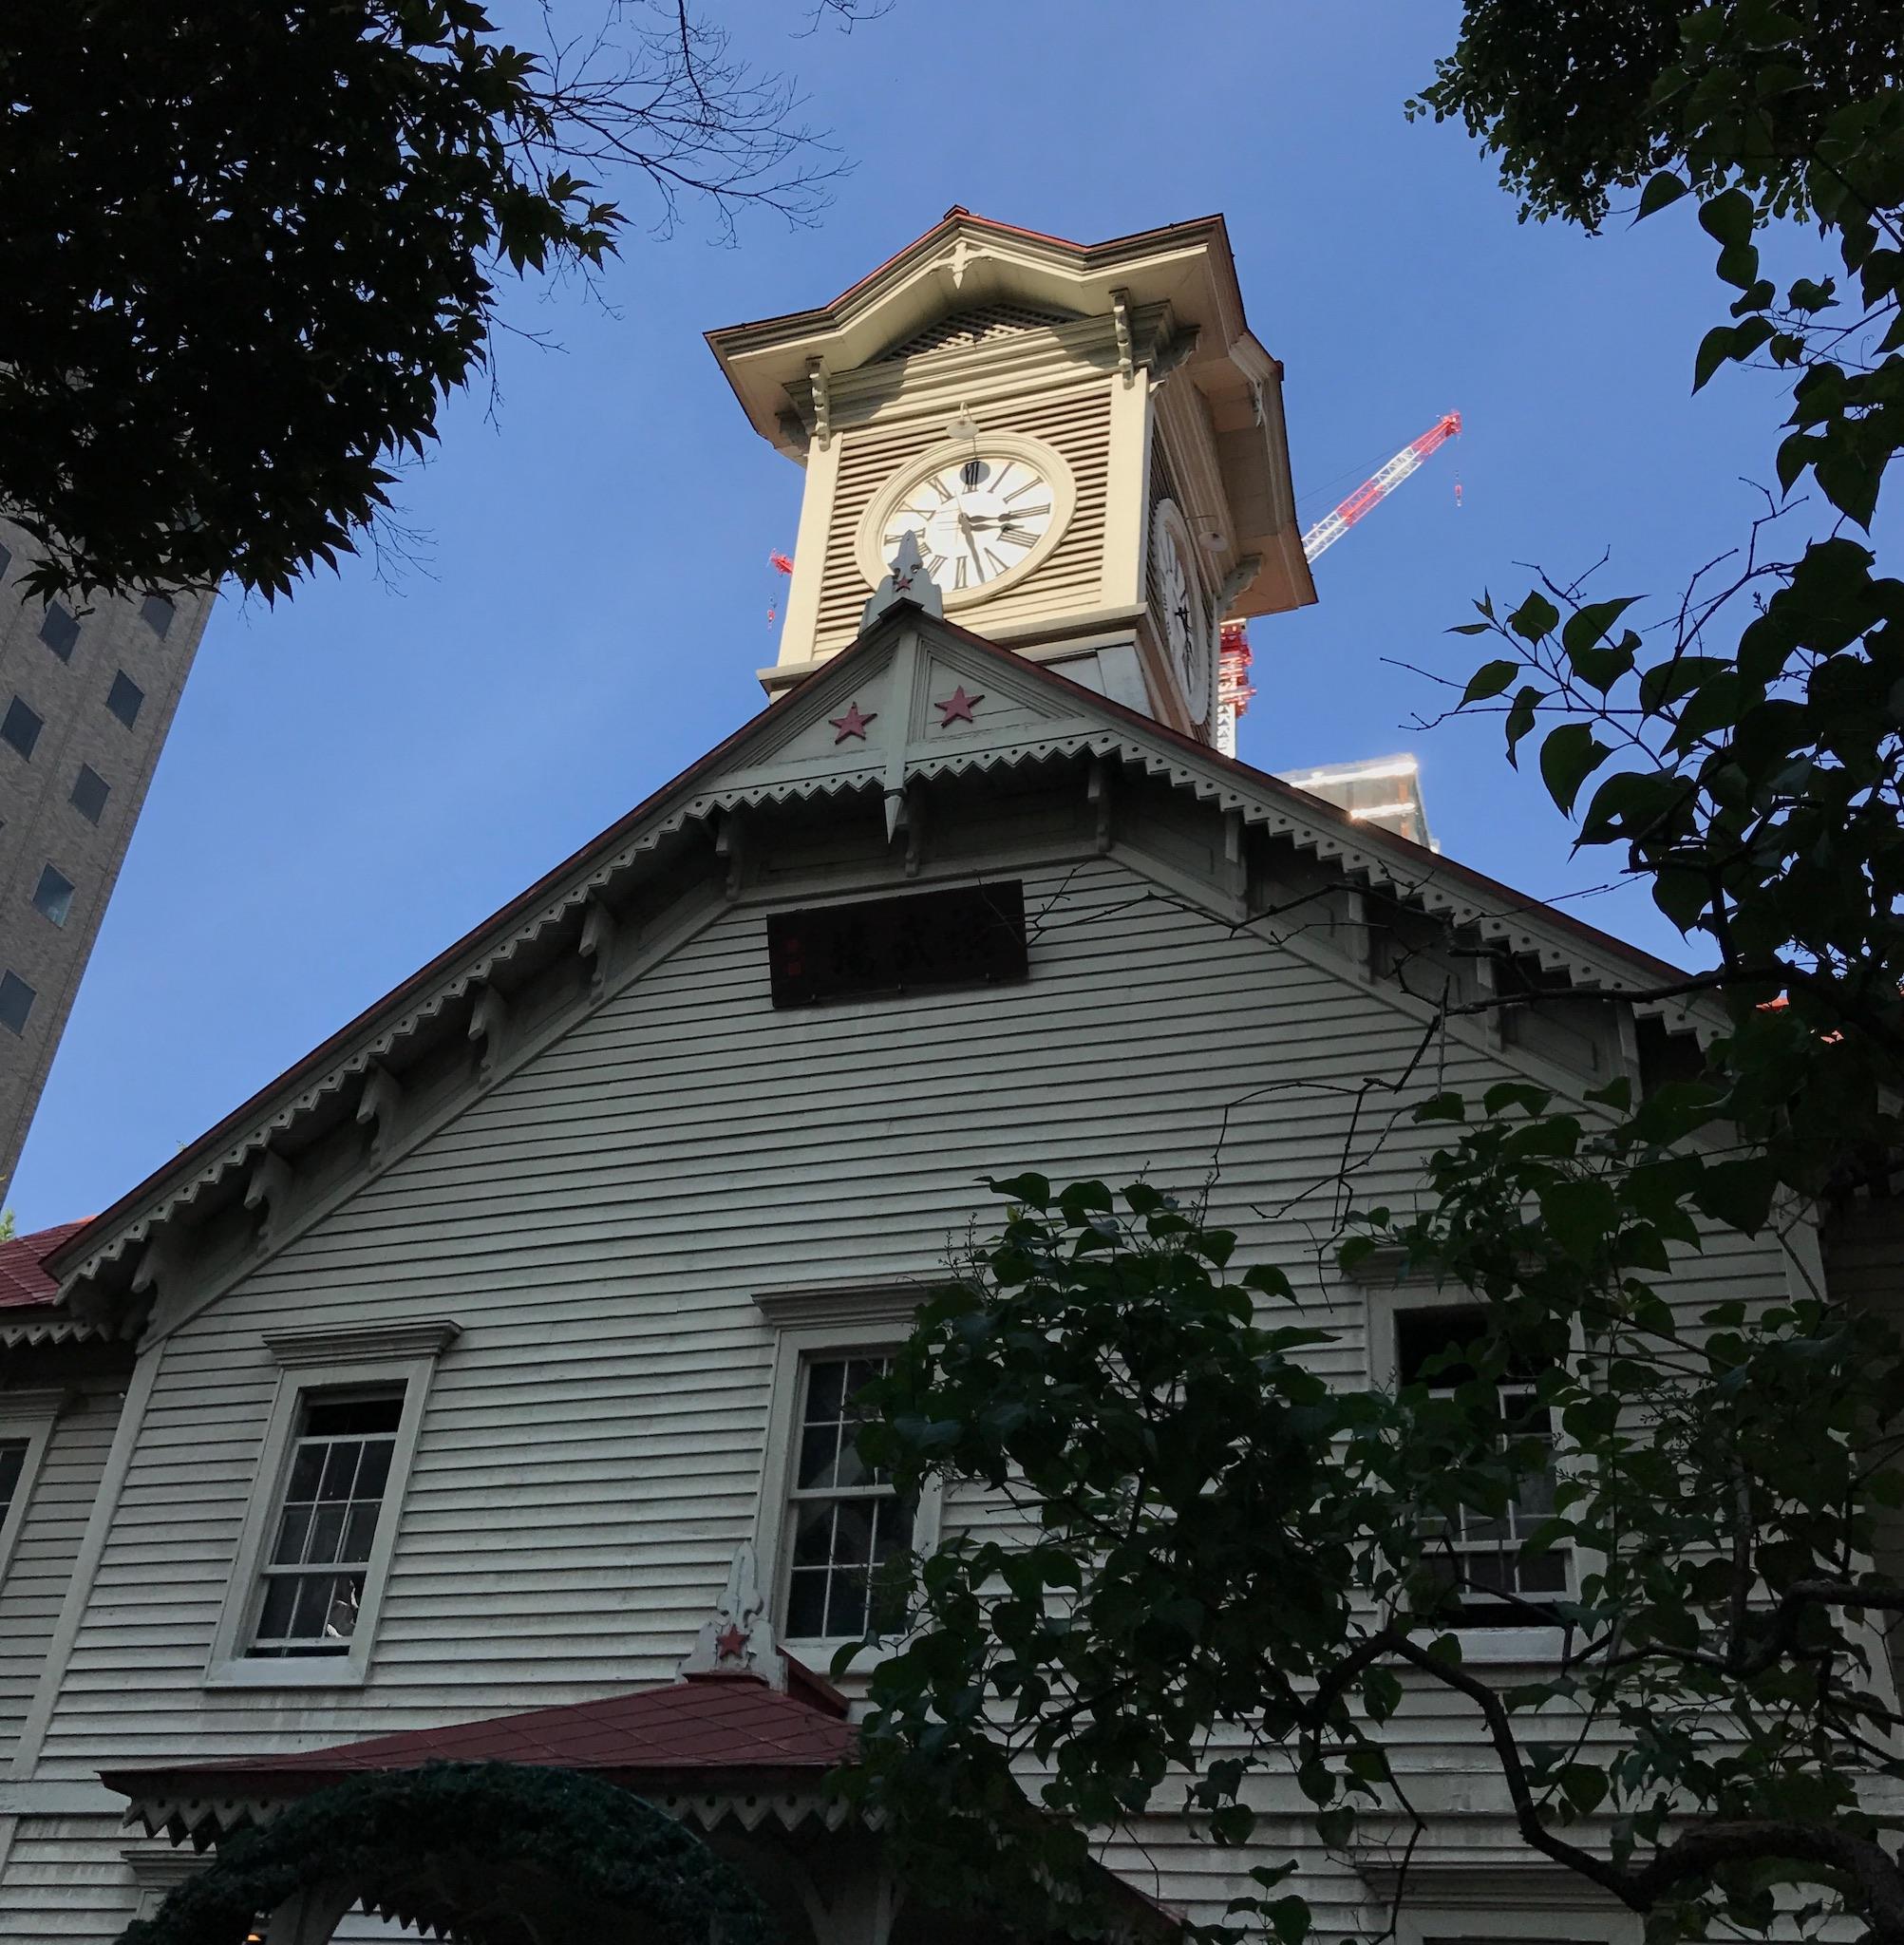 角度を調節してさっぽろ創世スクエアを隠した札幌時計台